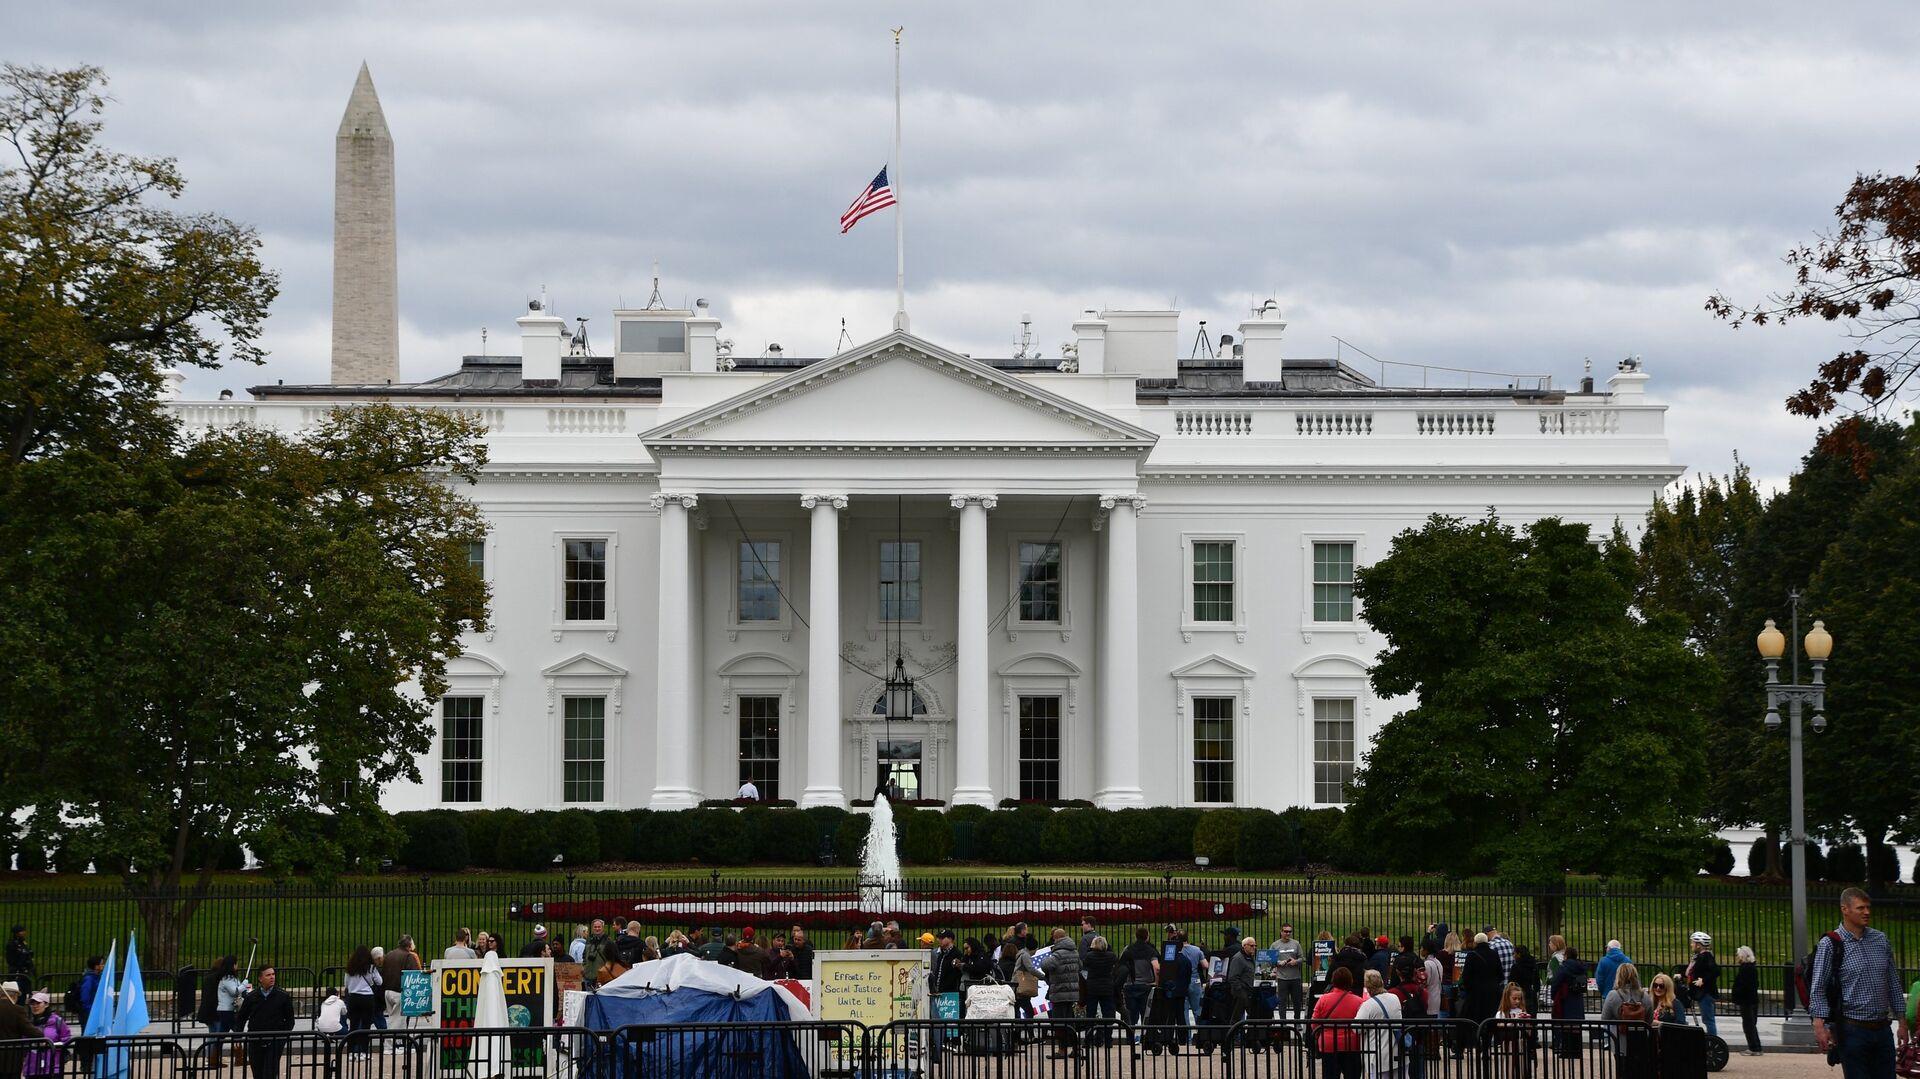 Белый дом в Вашингтоне, официальная резиденция президента США - РИА Новости, 1920, 23.11.2020